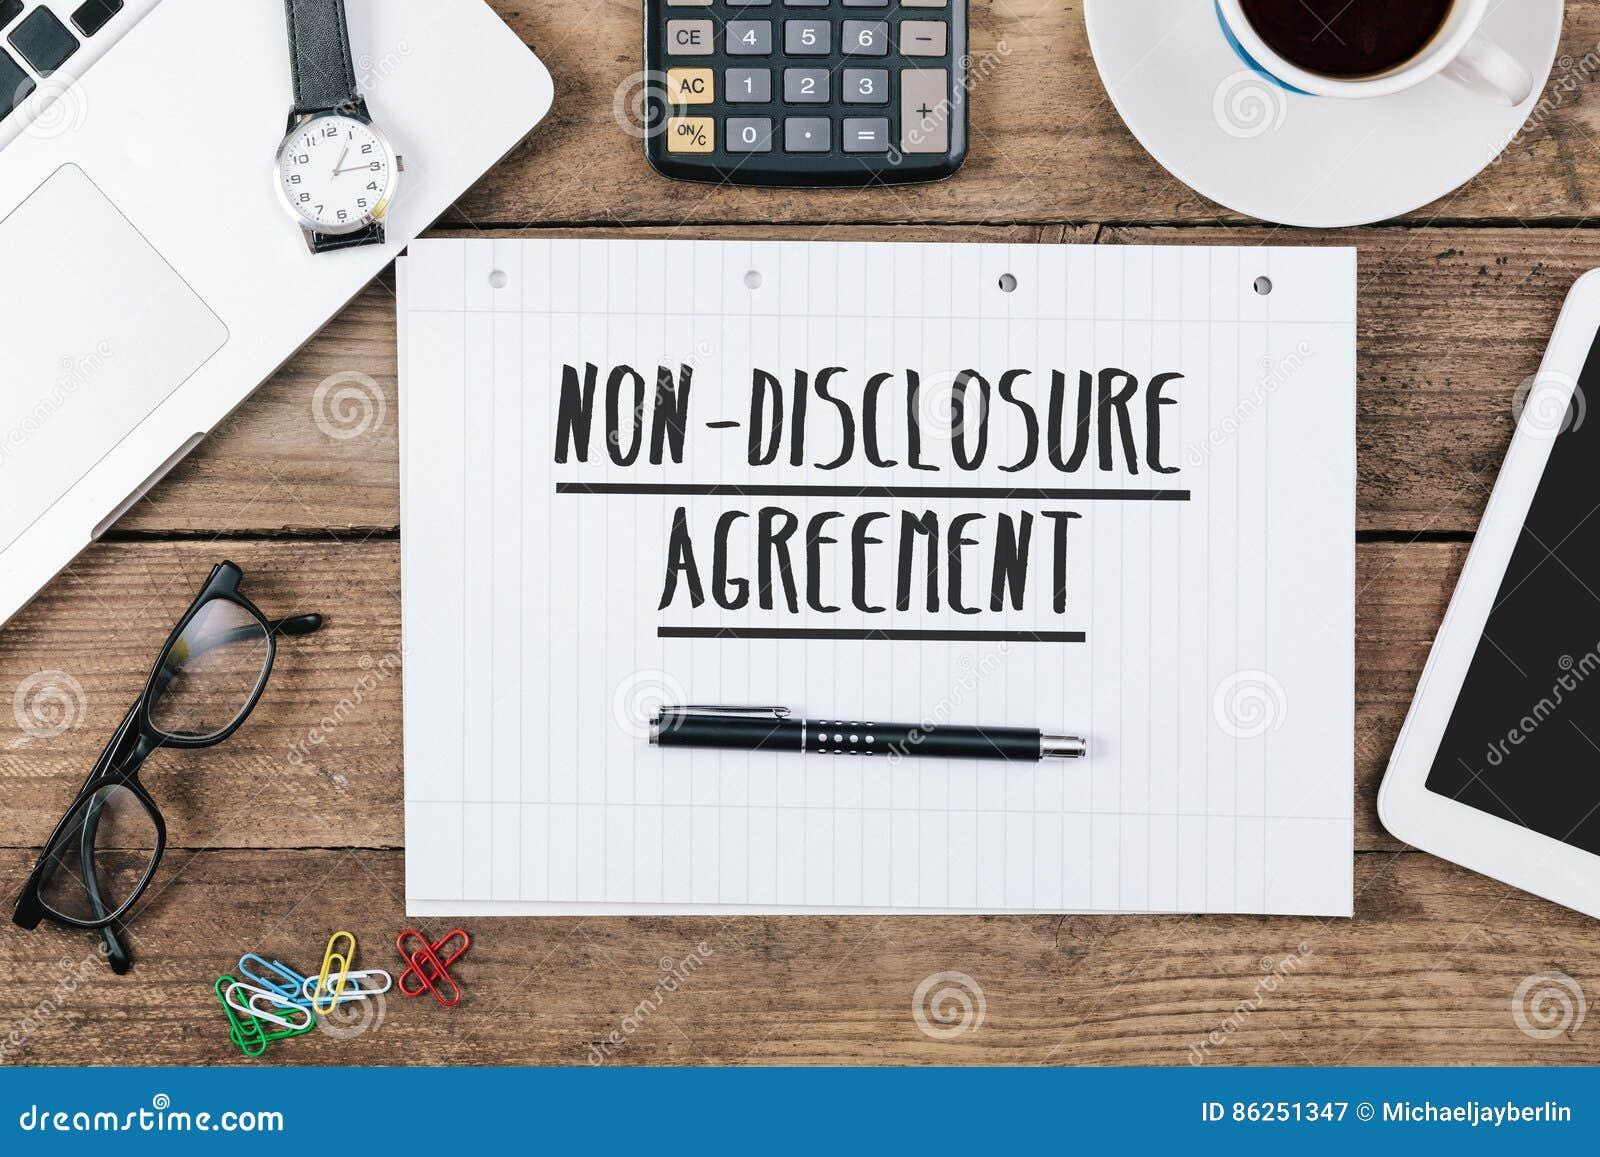 Accordo non-diclosure sul taccuino sulla scrivania con il computer